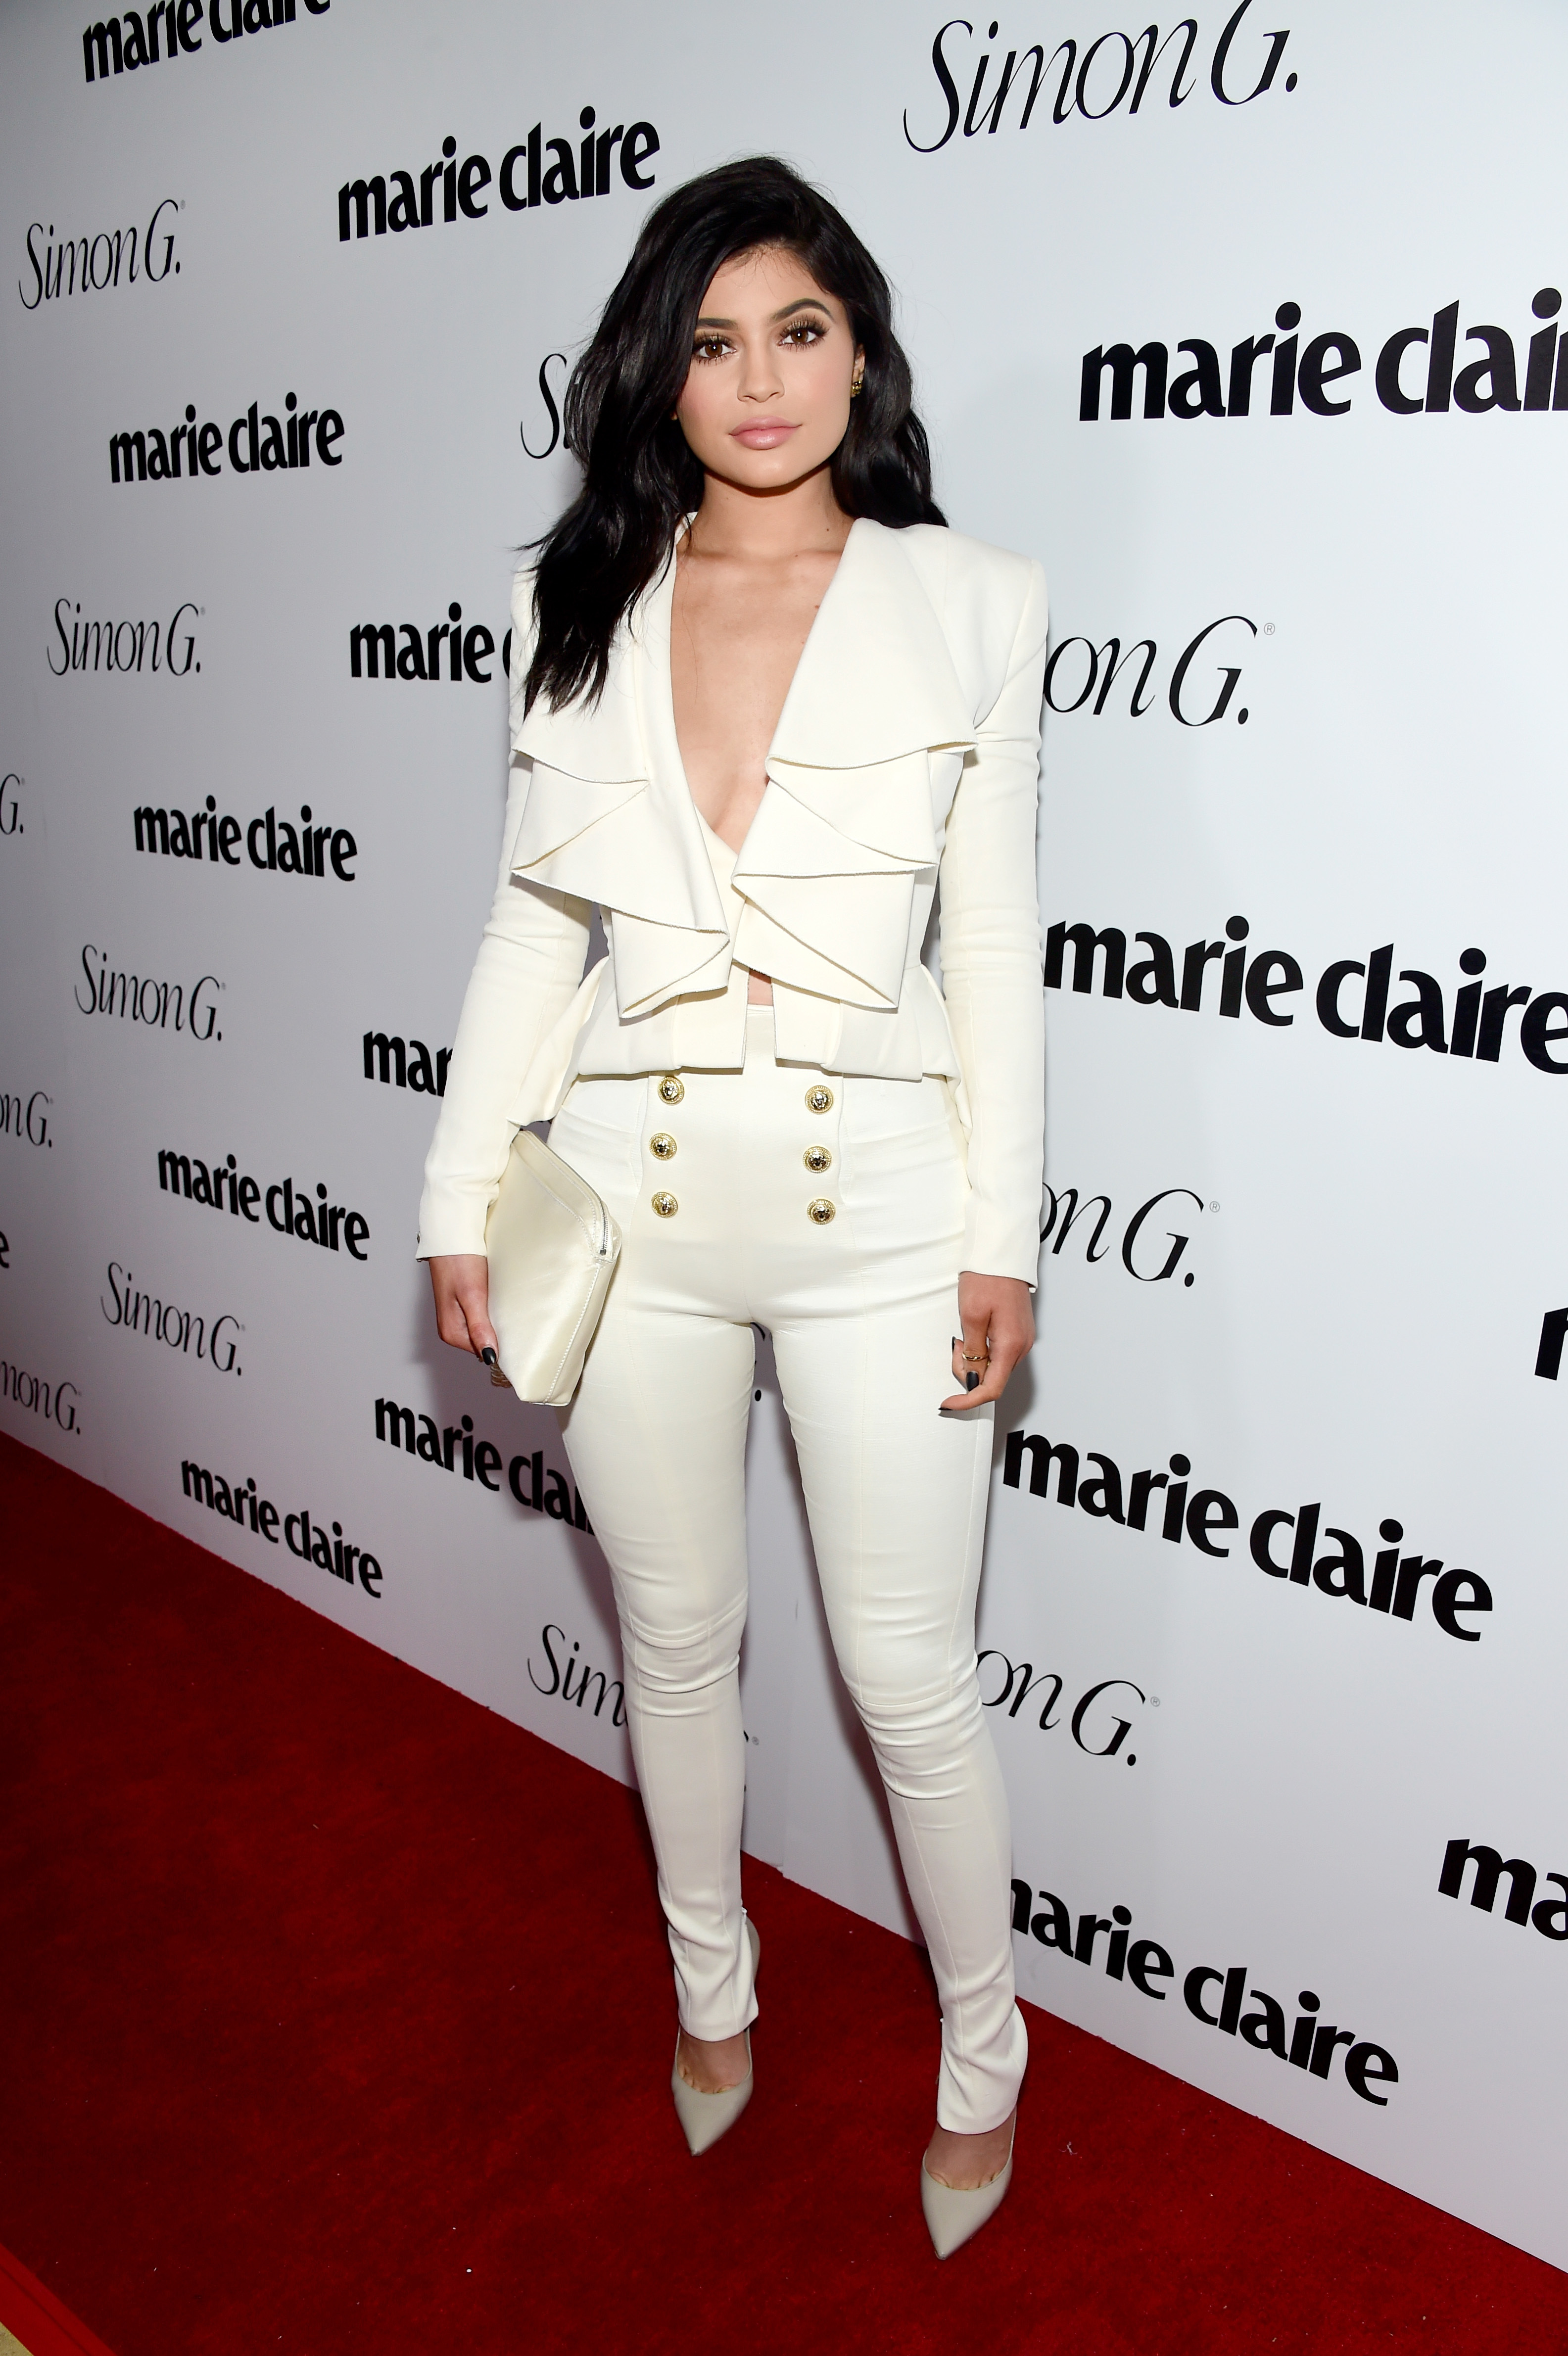 Kylie Jenner slammed for lip kit wand malfunction